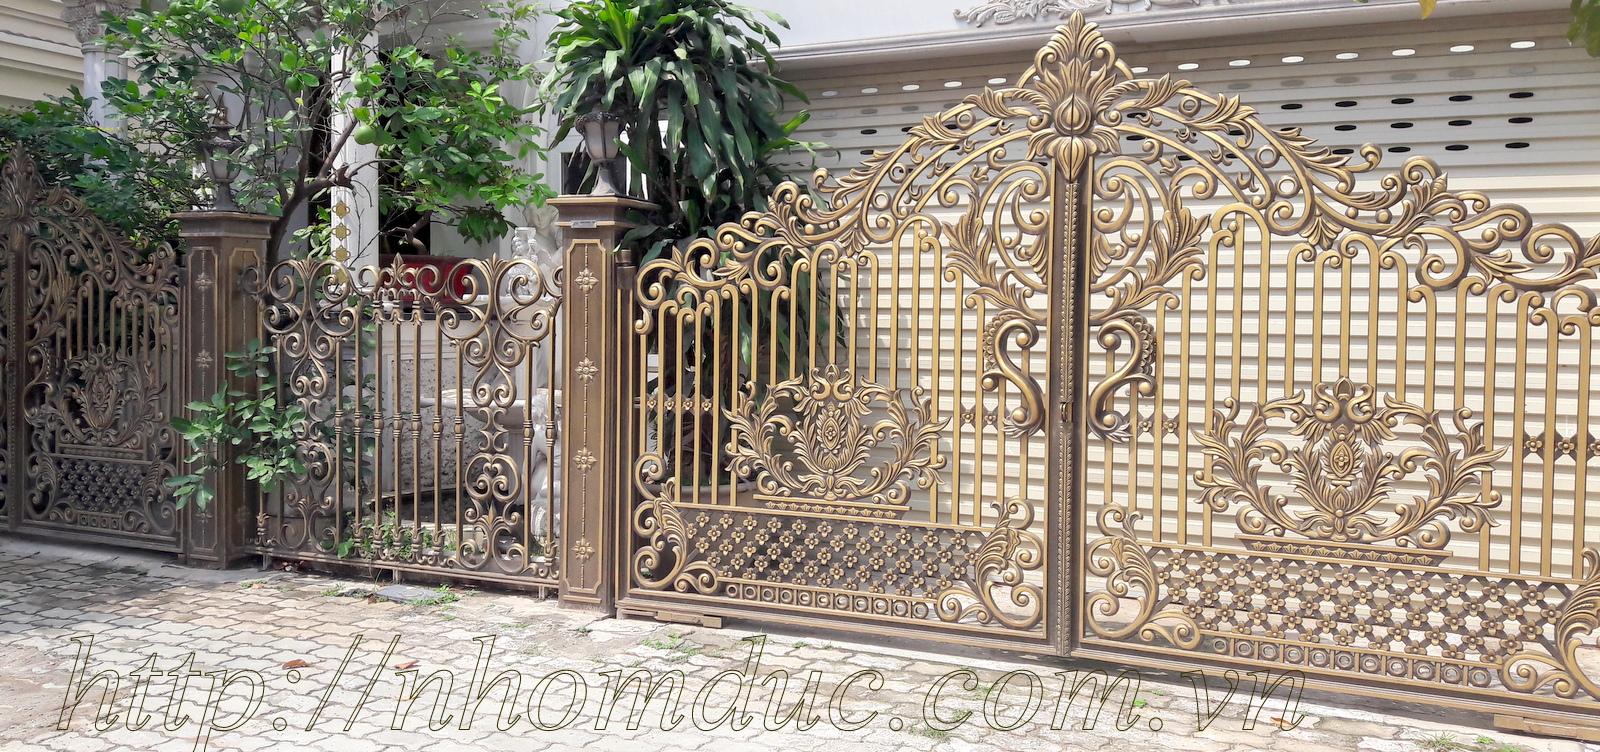 Quy trình gia công chế tạo cổng cửa nhôm đúc -